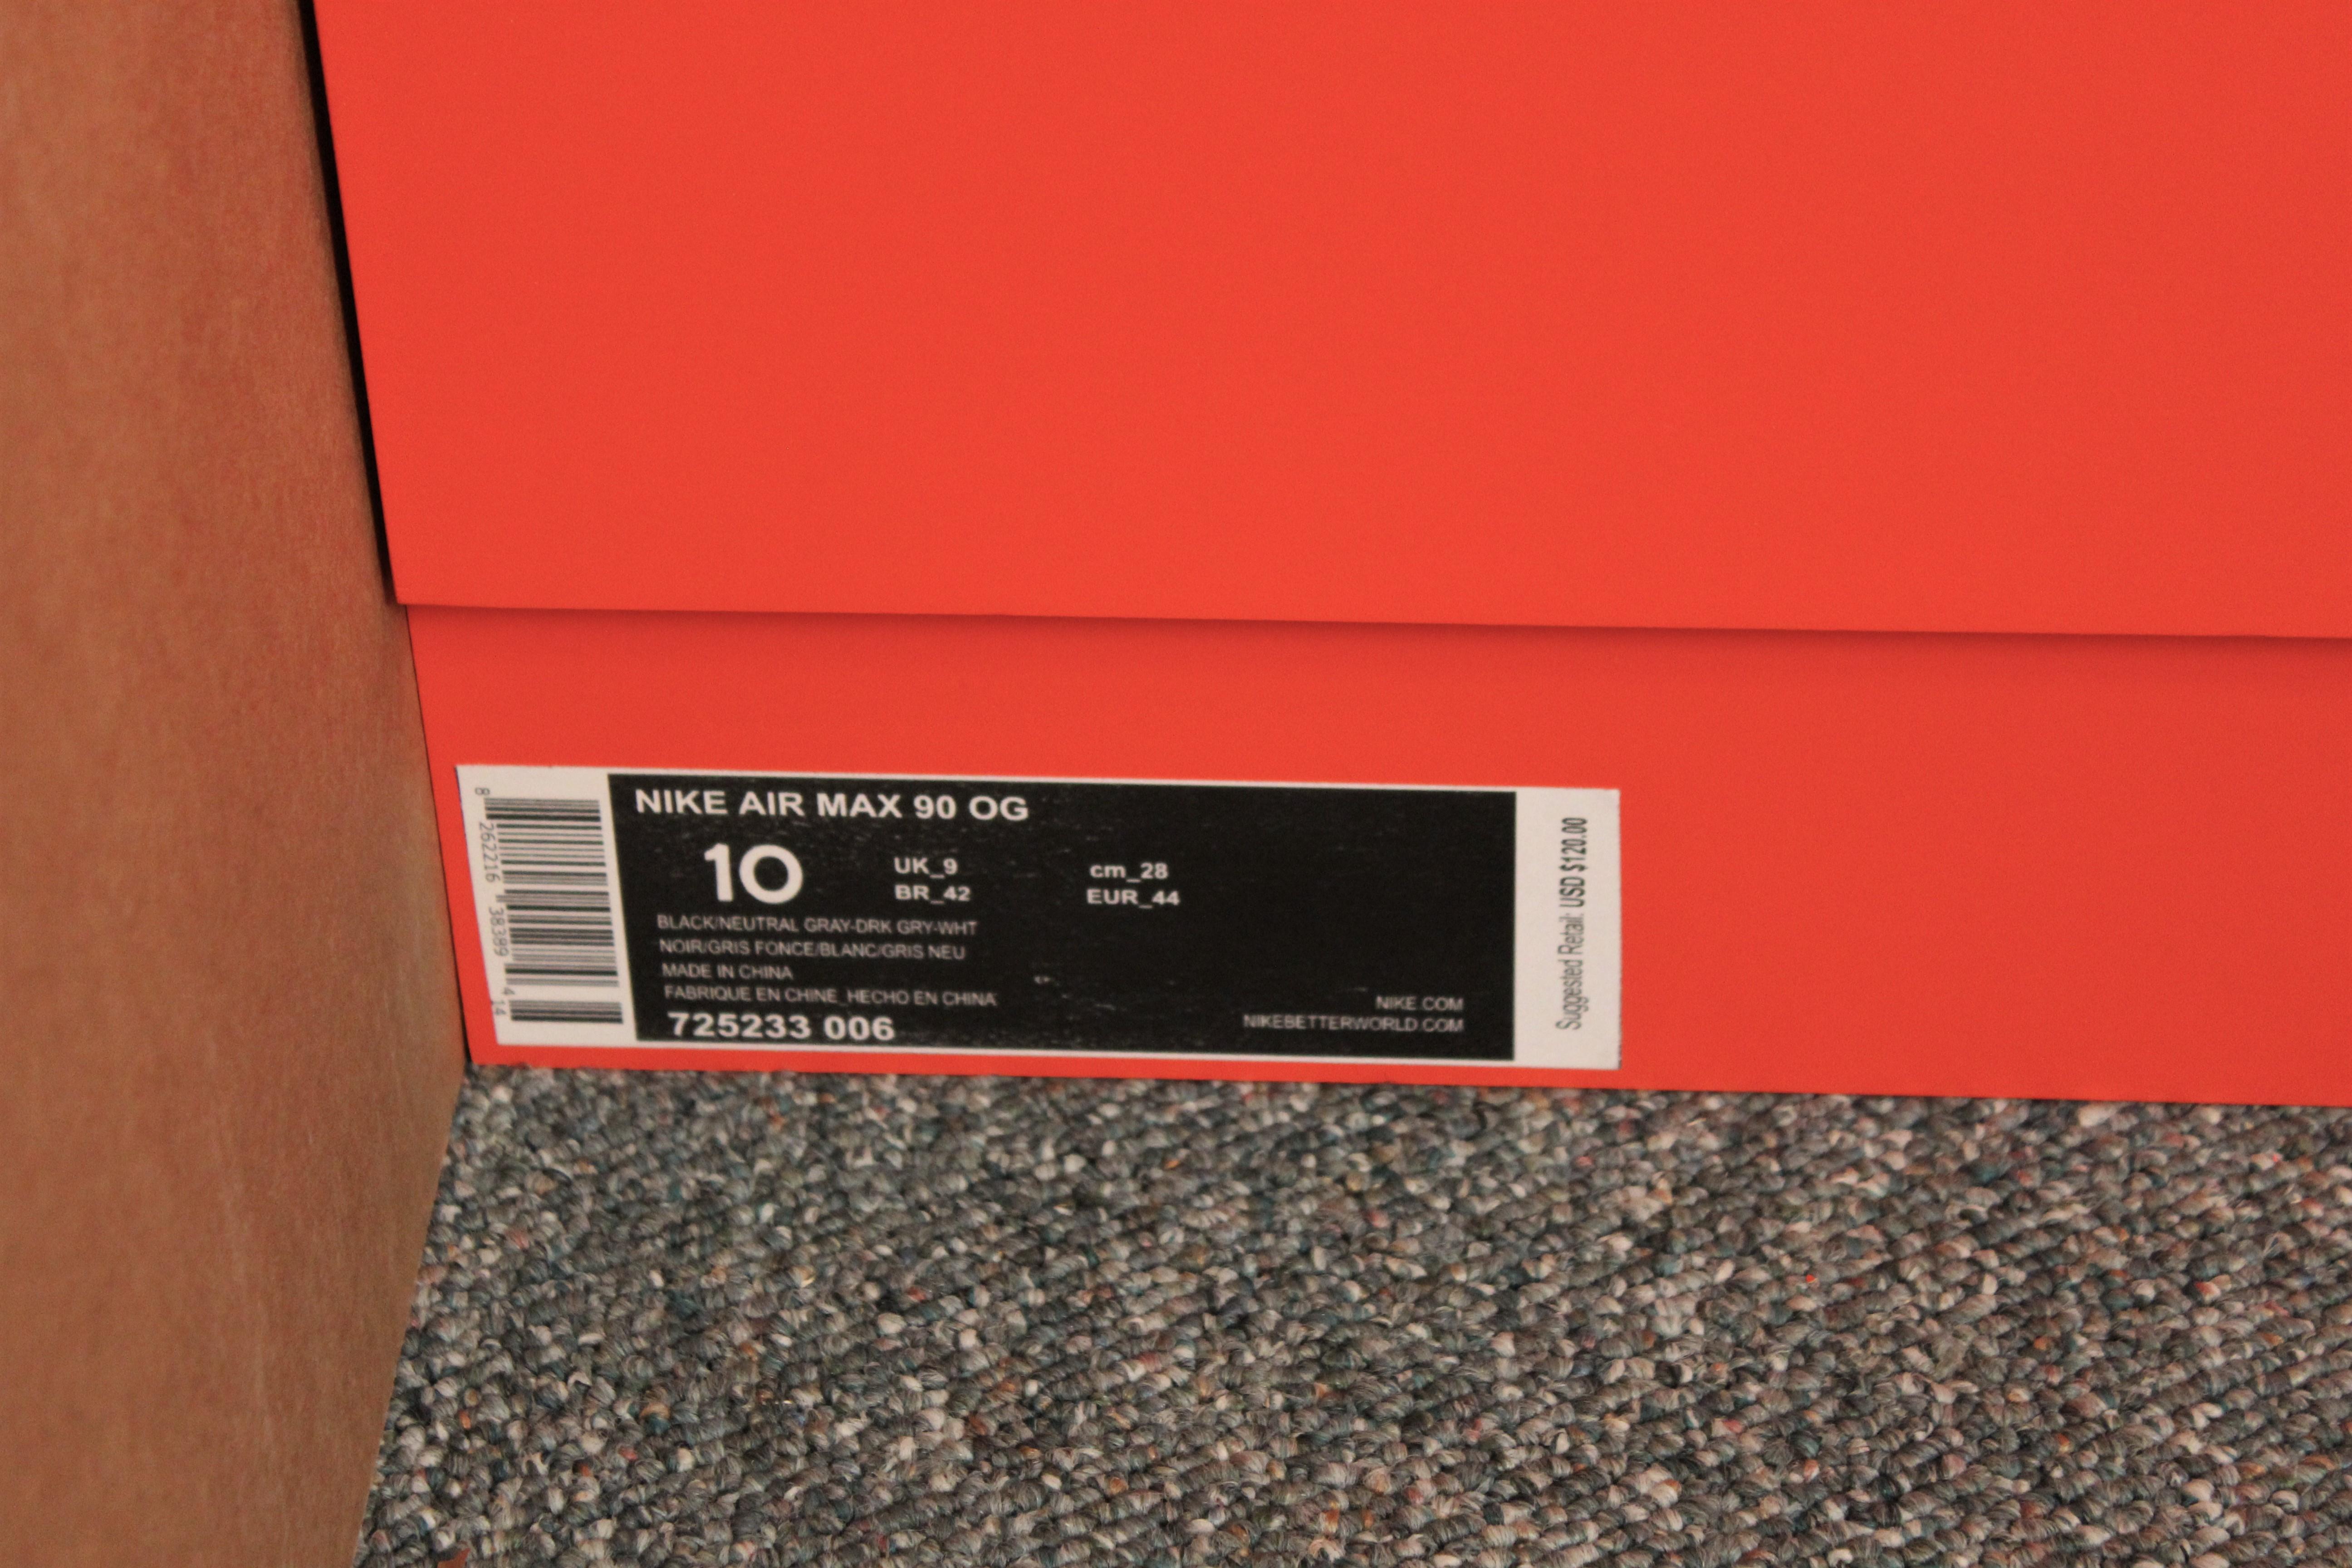 Nike Shoe Box Label